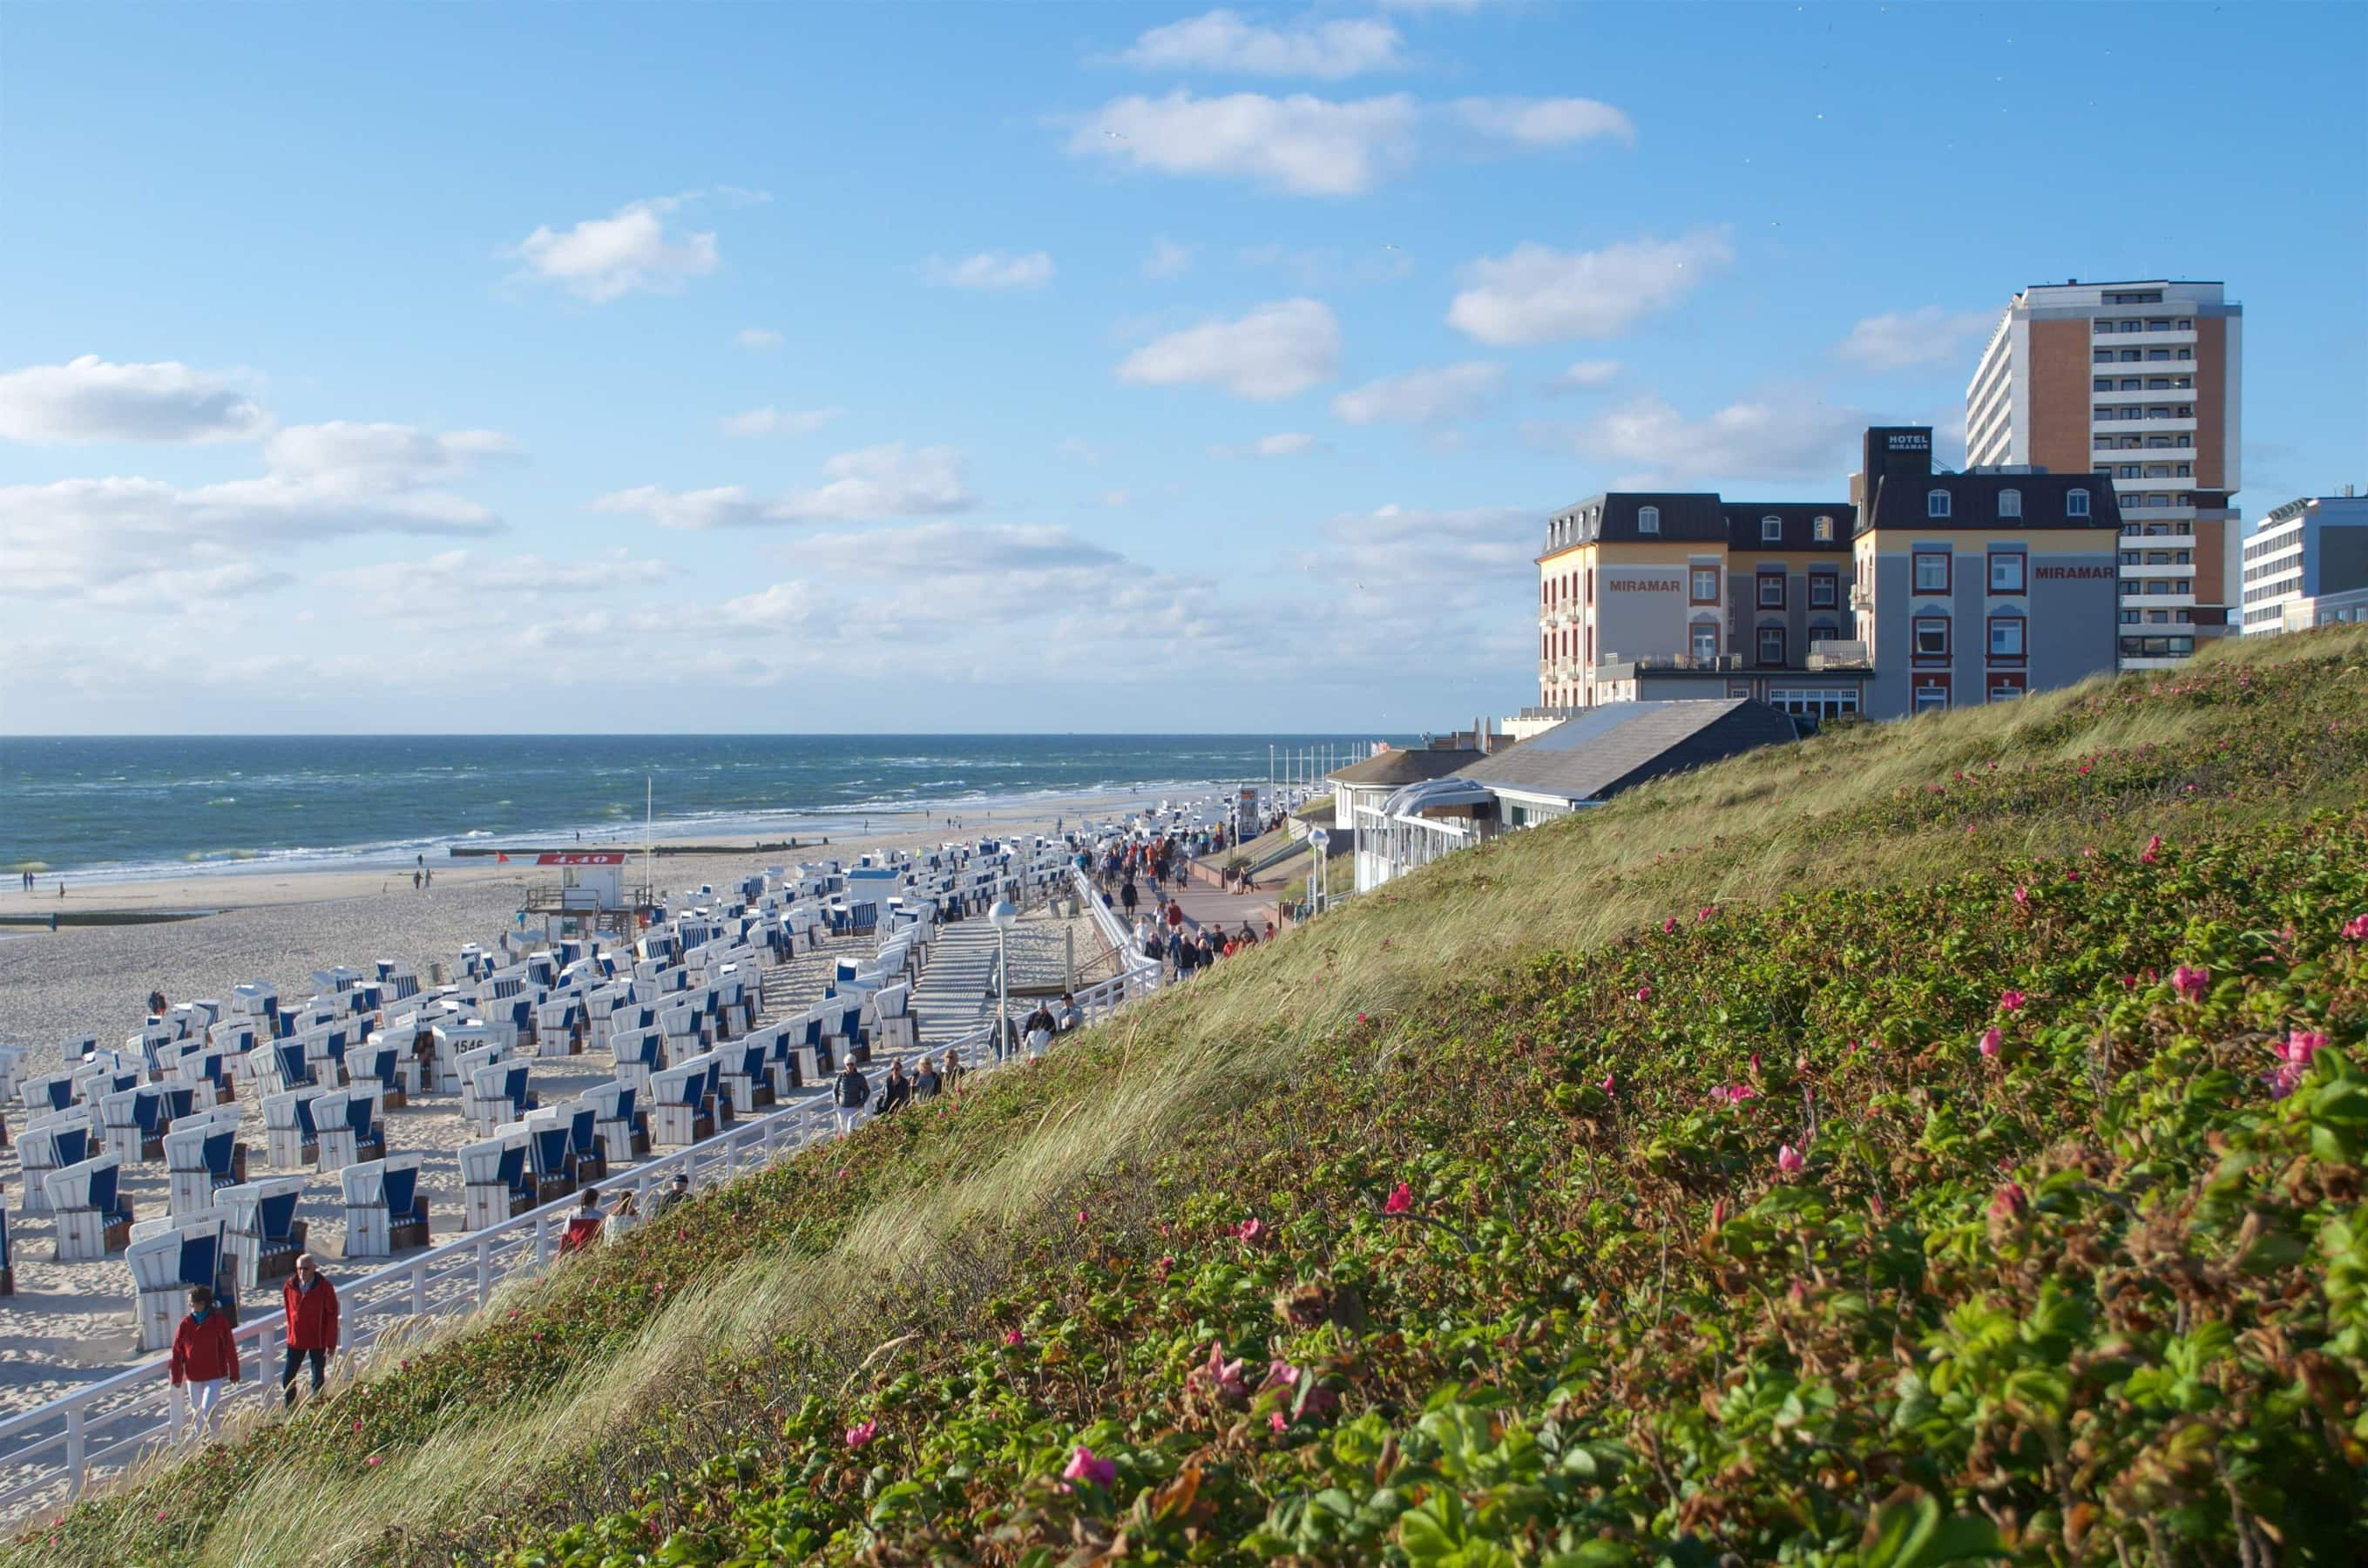 Strand von Westerland Sylt